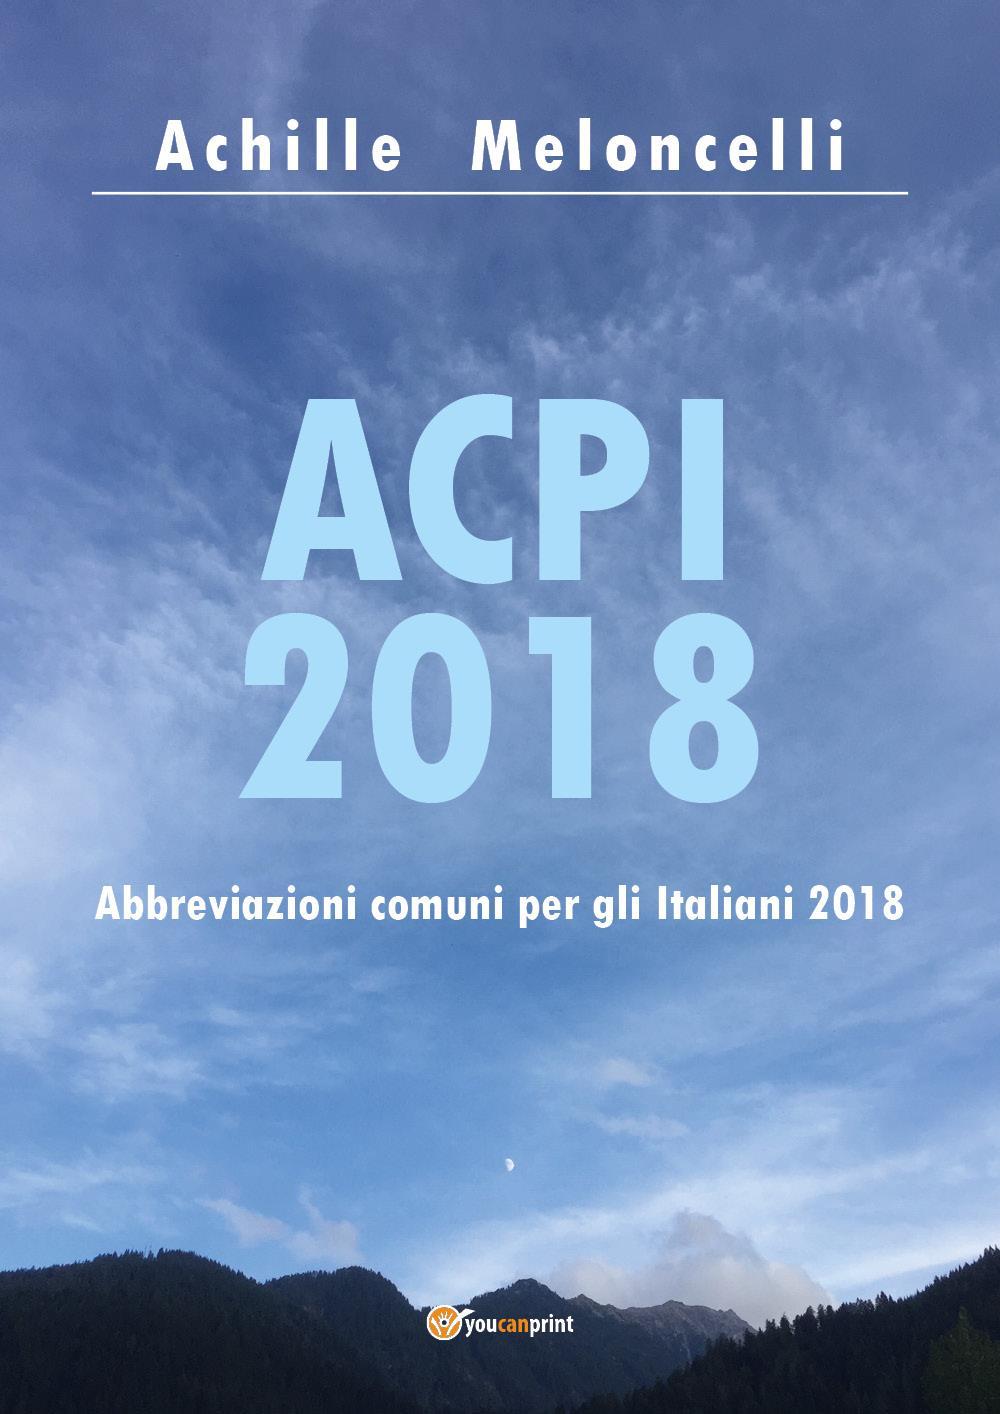 ACPI 2018 Abbreviazioni comuni per gli Italiani 2018